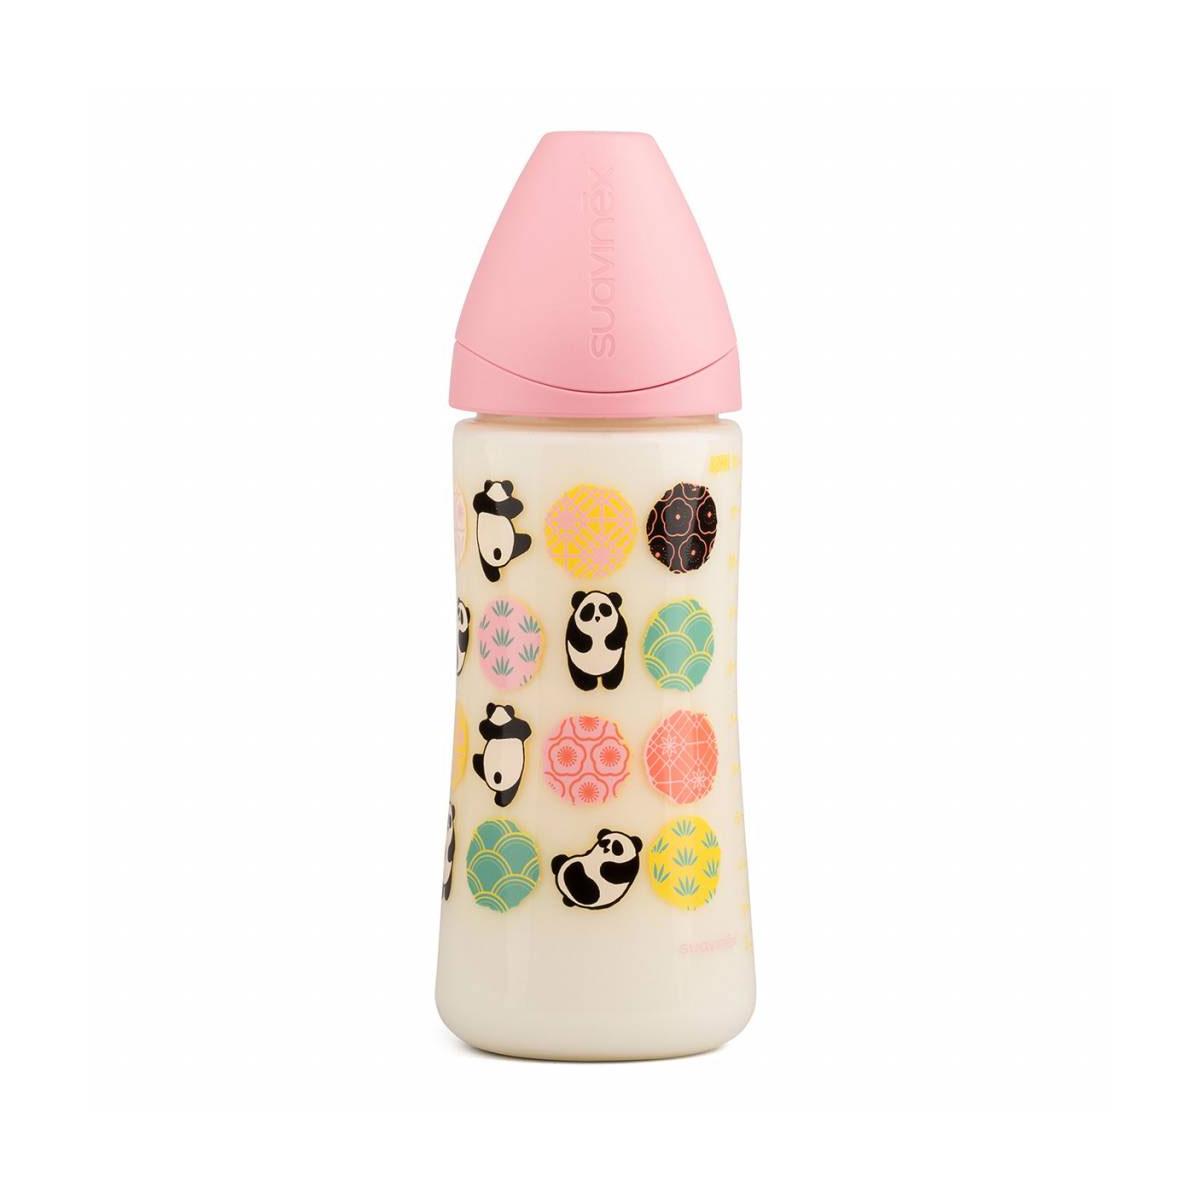 Μπιμπερό πλαστικό pink panda 360ml ανατομική θηλή σιλικόνης large ροής  suavinex 519e19bf607